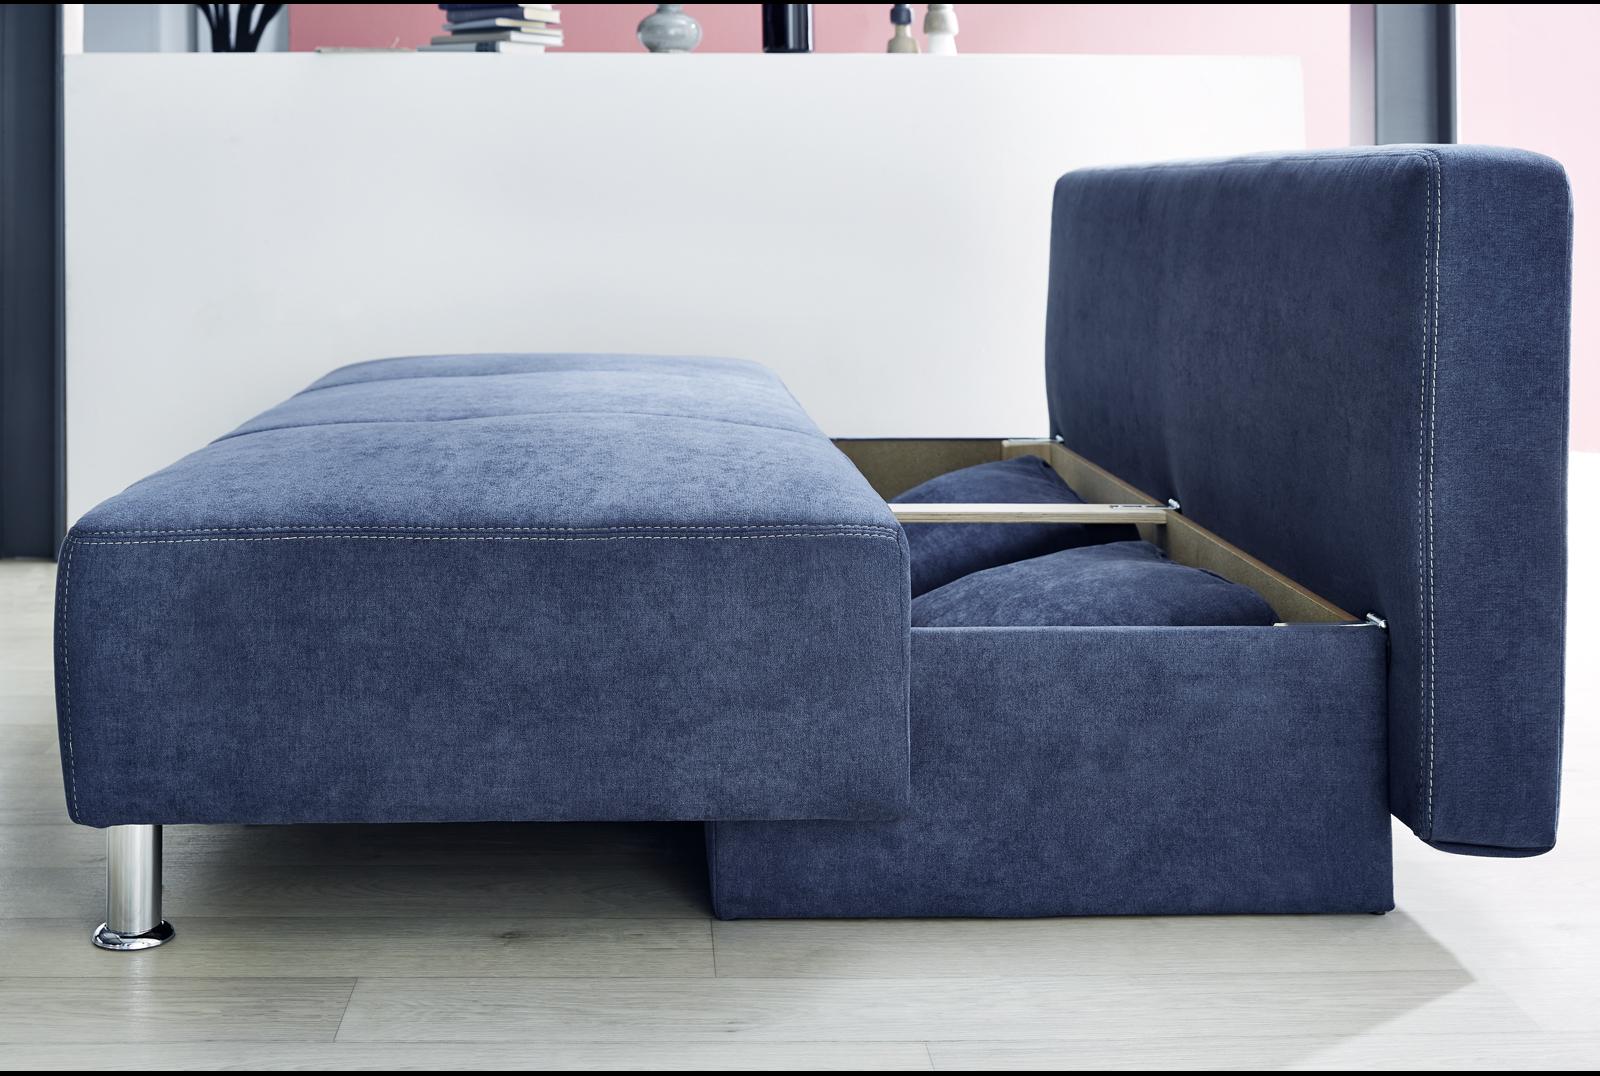 dauerschl fer inkl bettkasten kairo von job braun. Black Bedroom Furniture Sets. Home Design Ideas